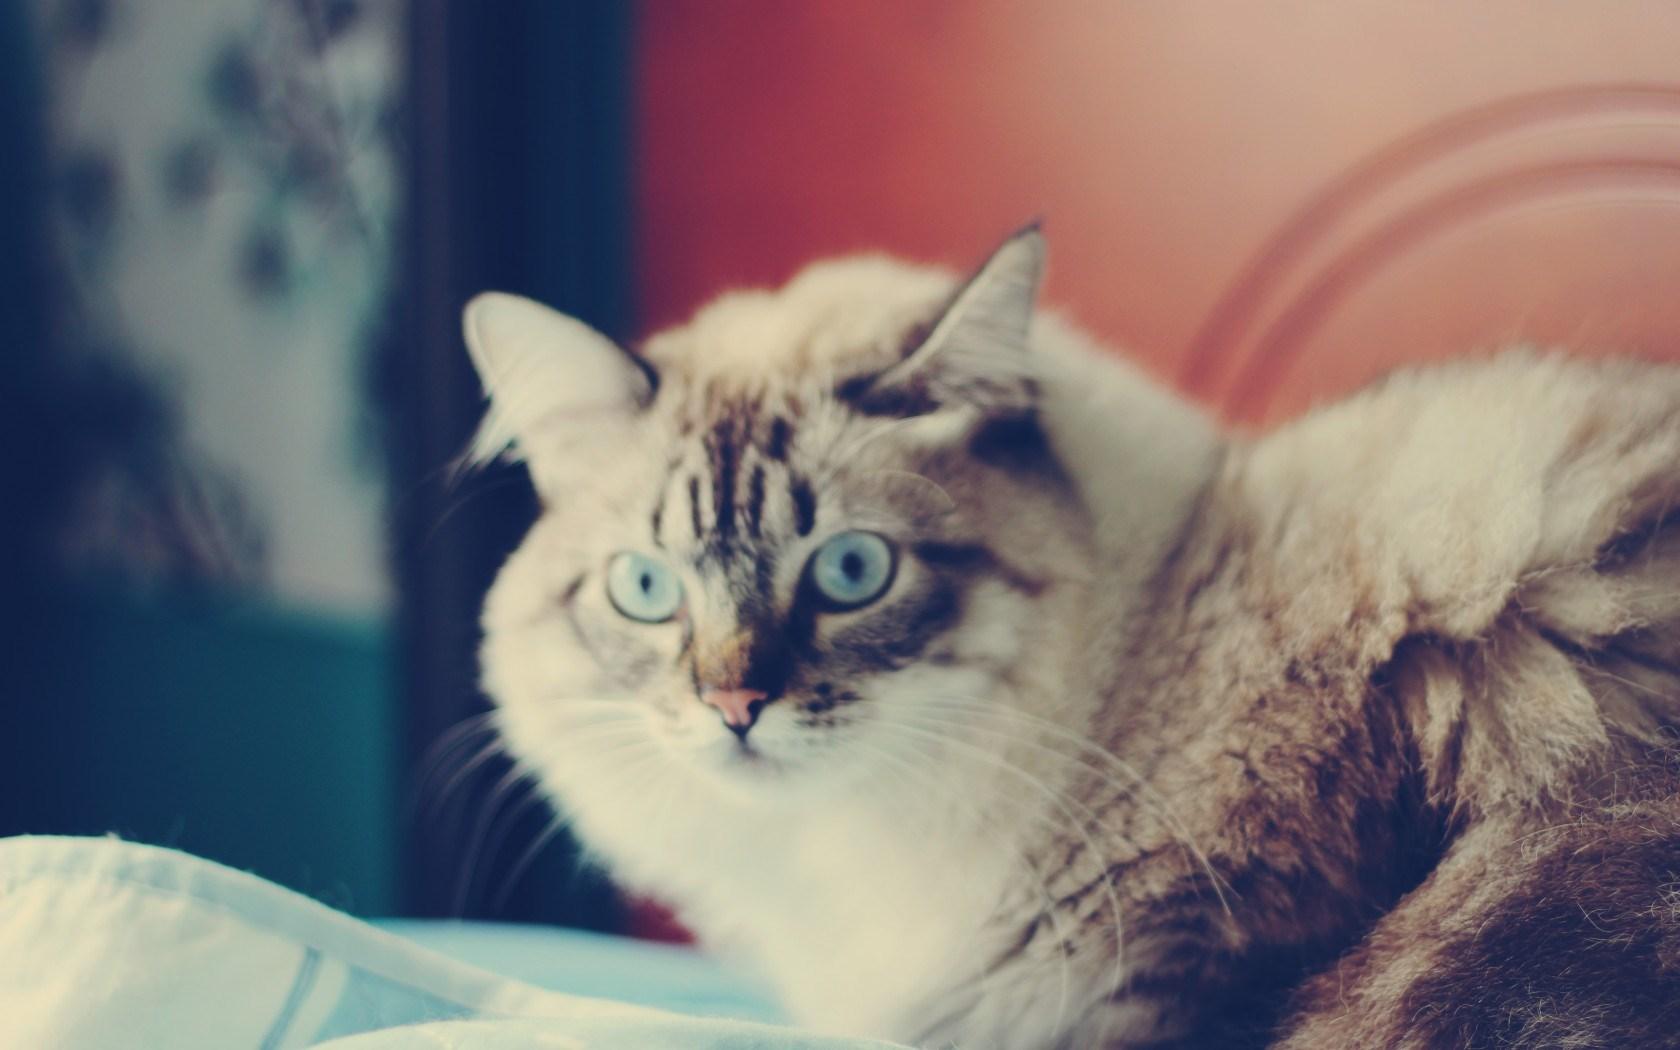 cat curious face